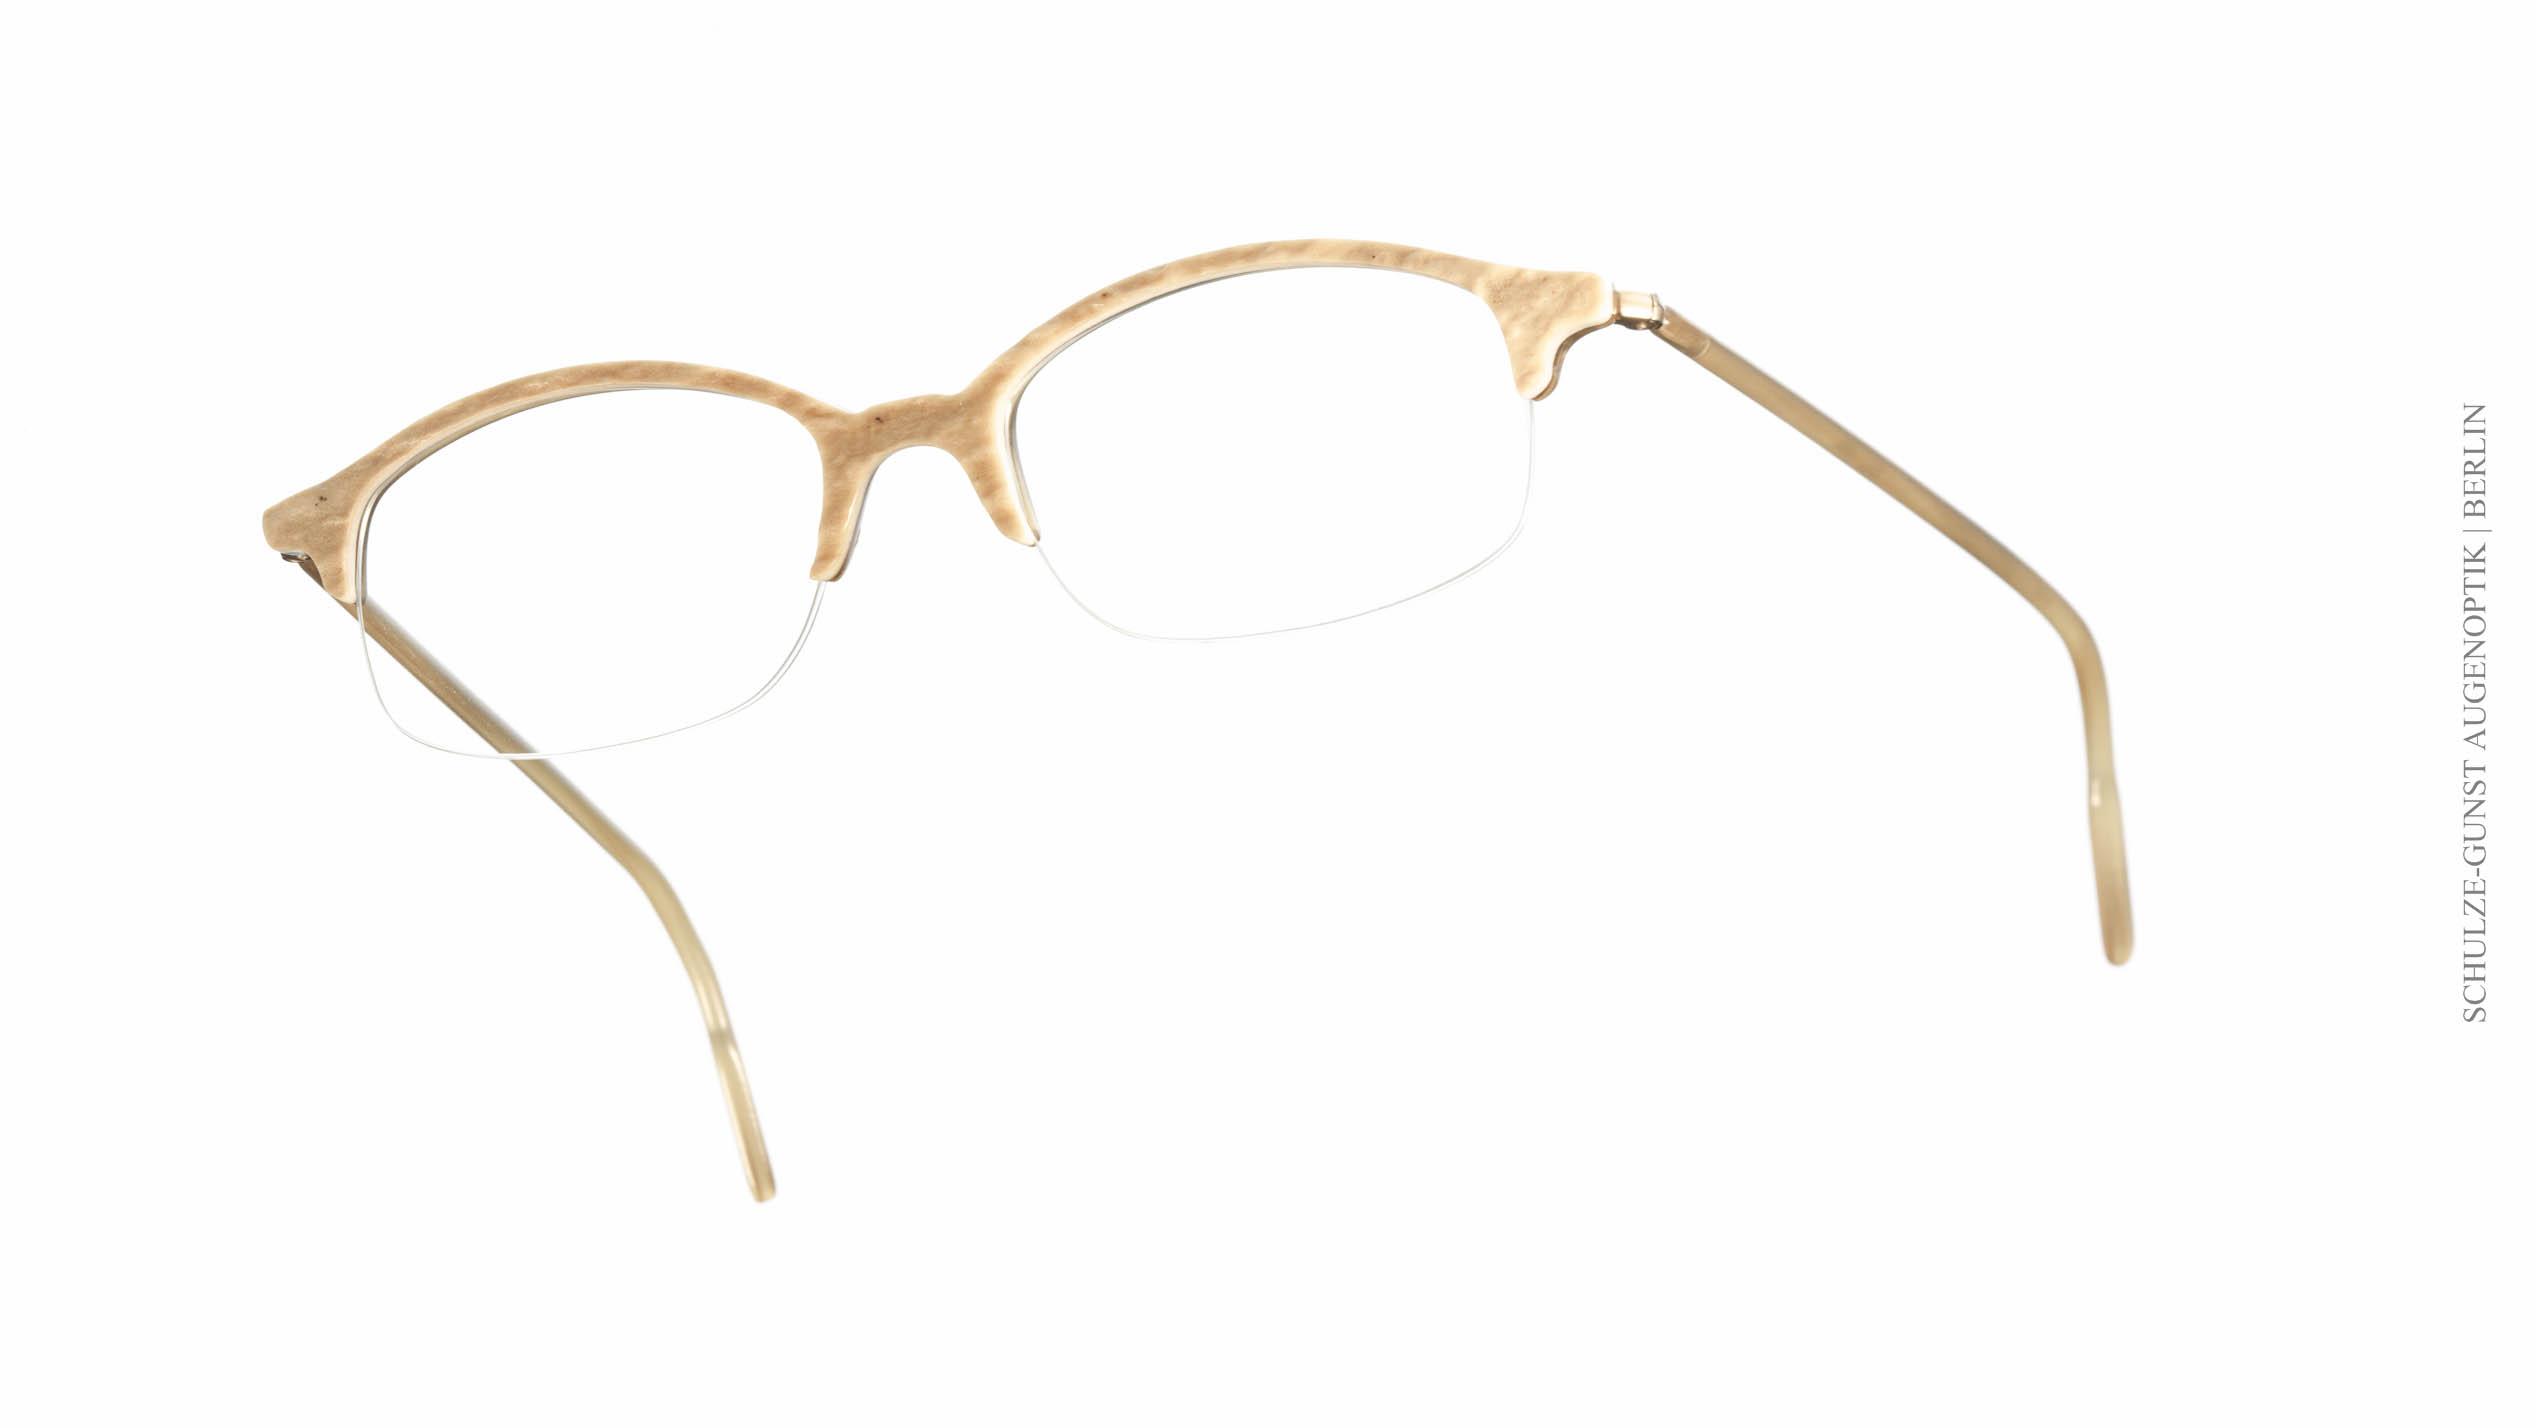 097510cf0542ff form-eckig-karree-damenbrille Archive - Seite 6 von 10 - SCHULZE ...